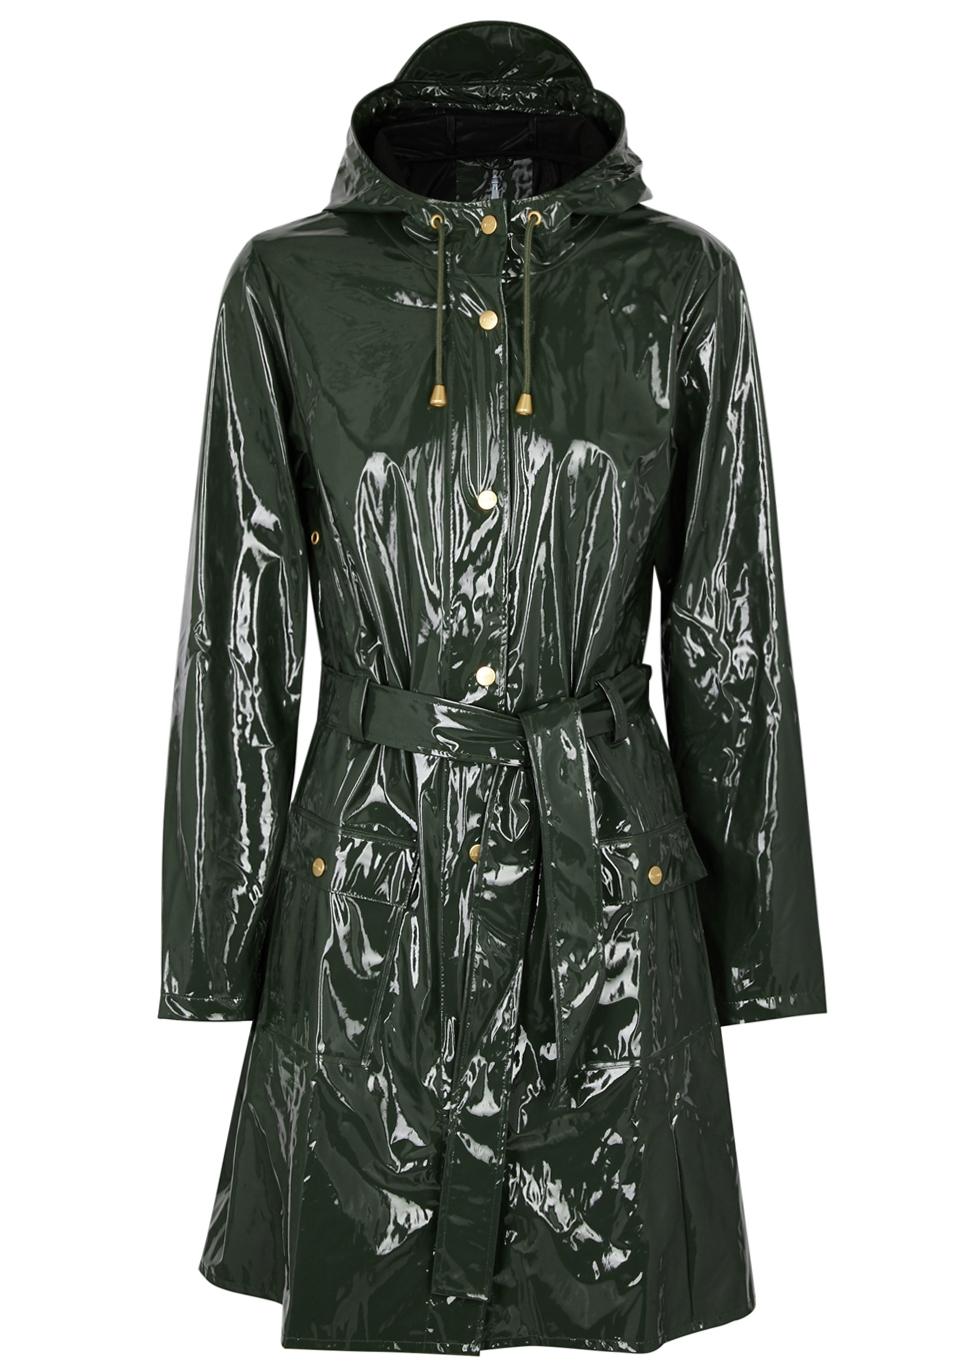 6f3fd4fe8b3bd Designer Coats - Women s Winter Coats - Harvey Nichols